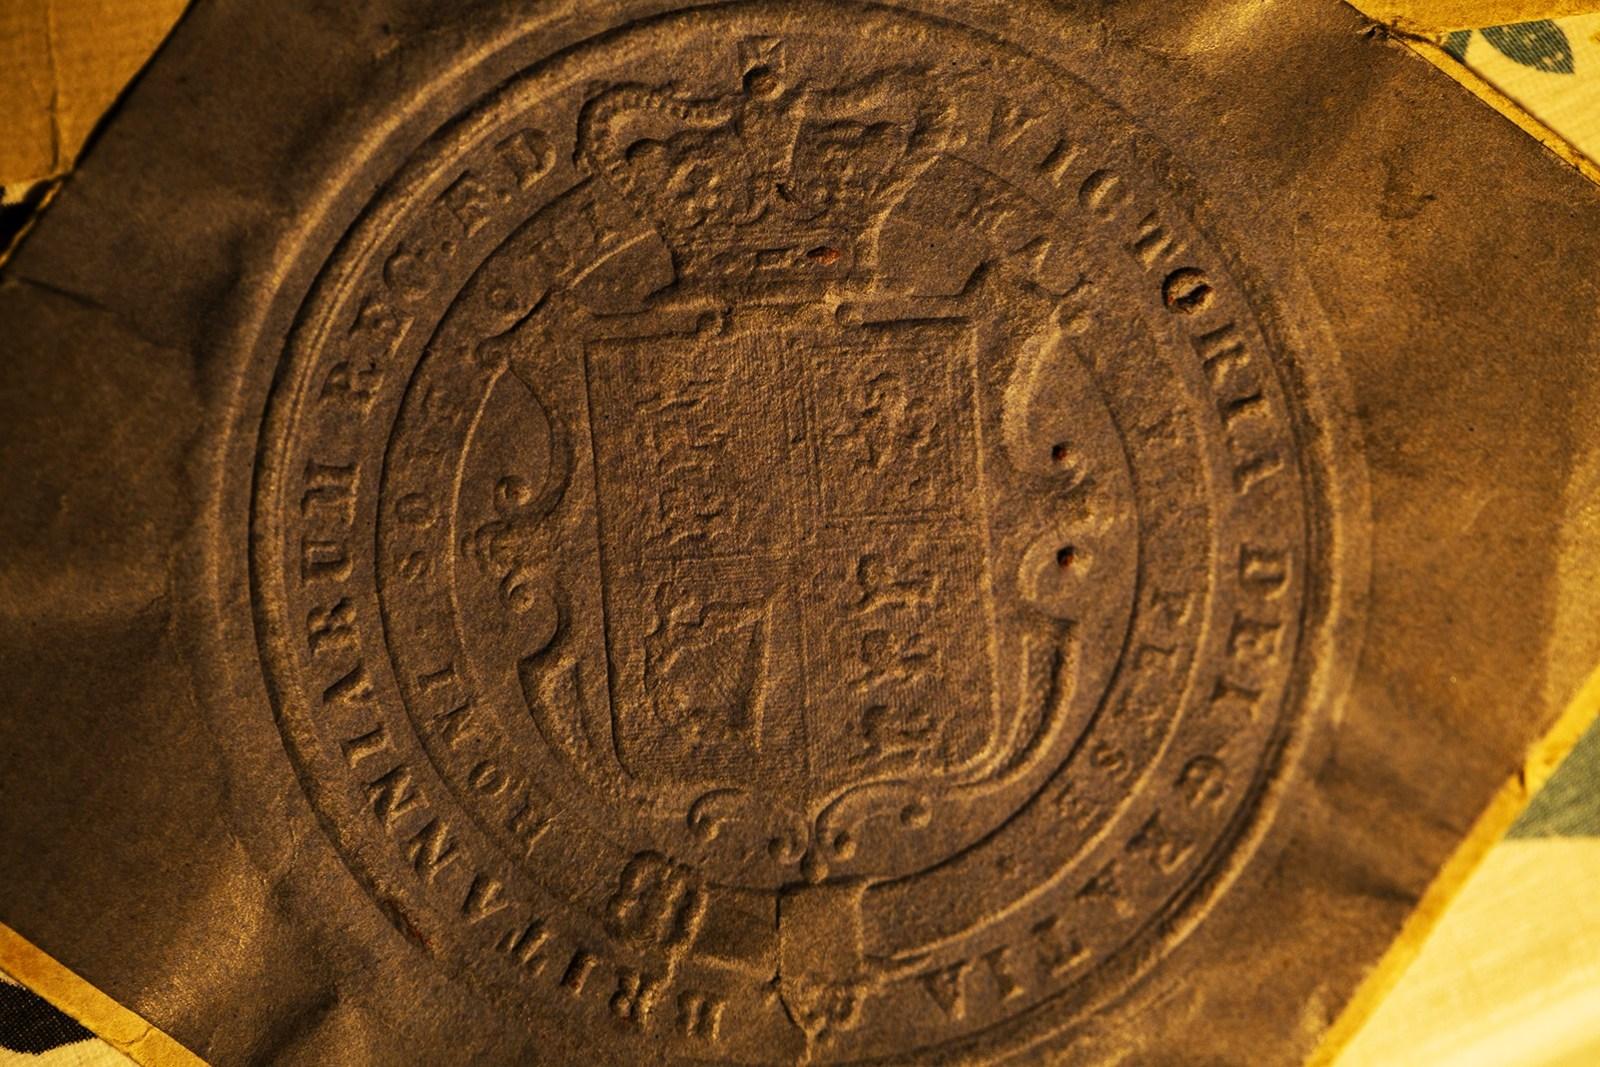 Seal on letter.jpg